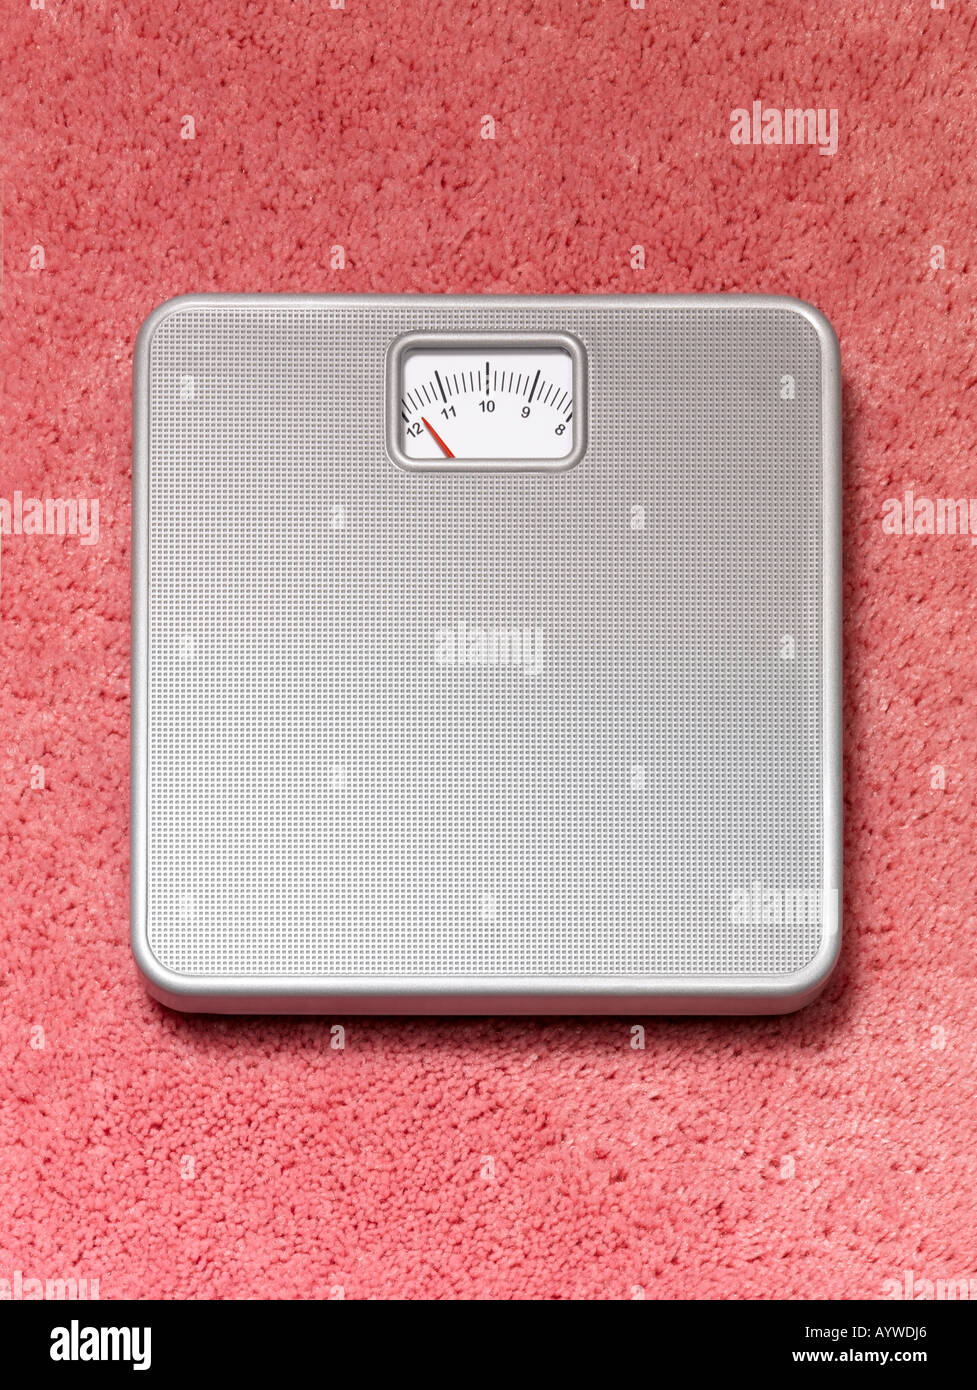 Une salle de bains pourvue d''une balance sur un tapis moelleux rose Banque D'Images